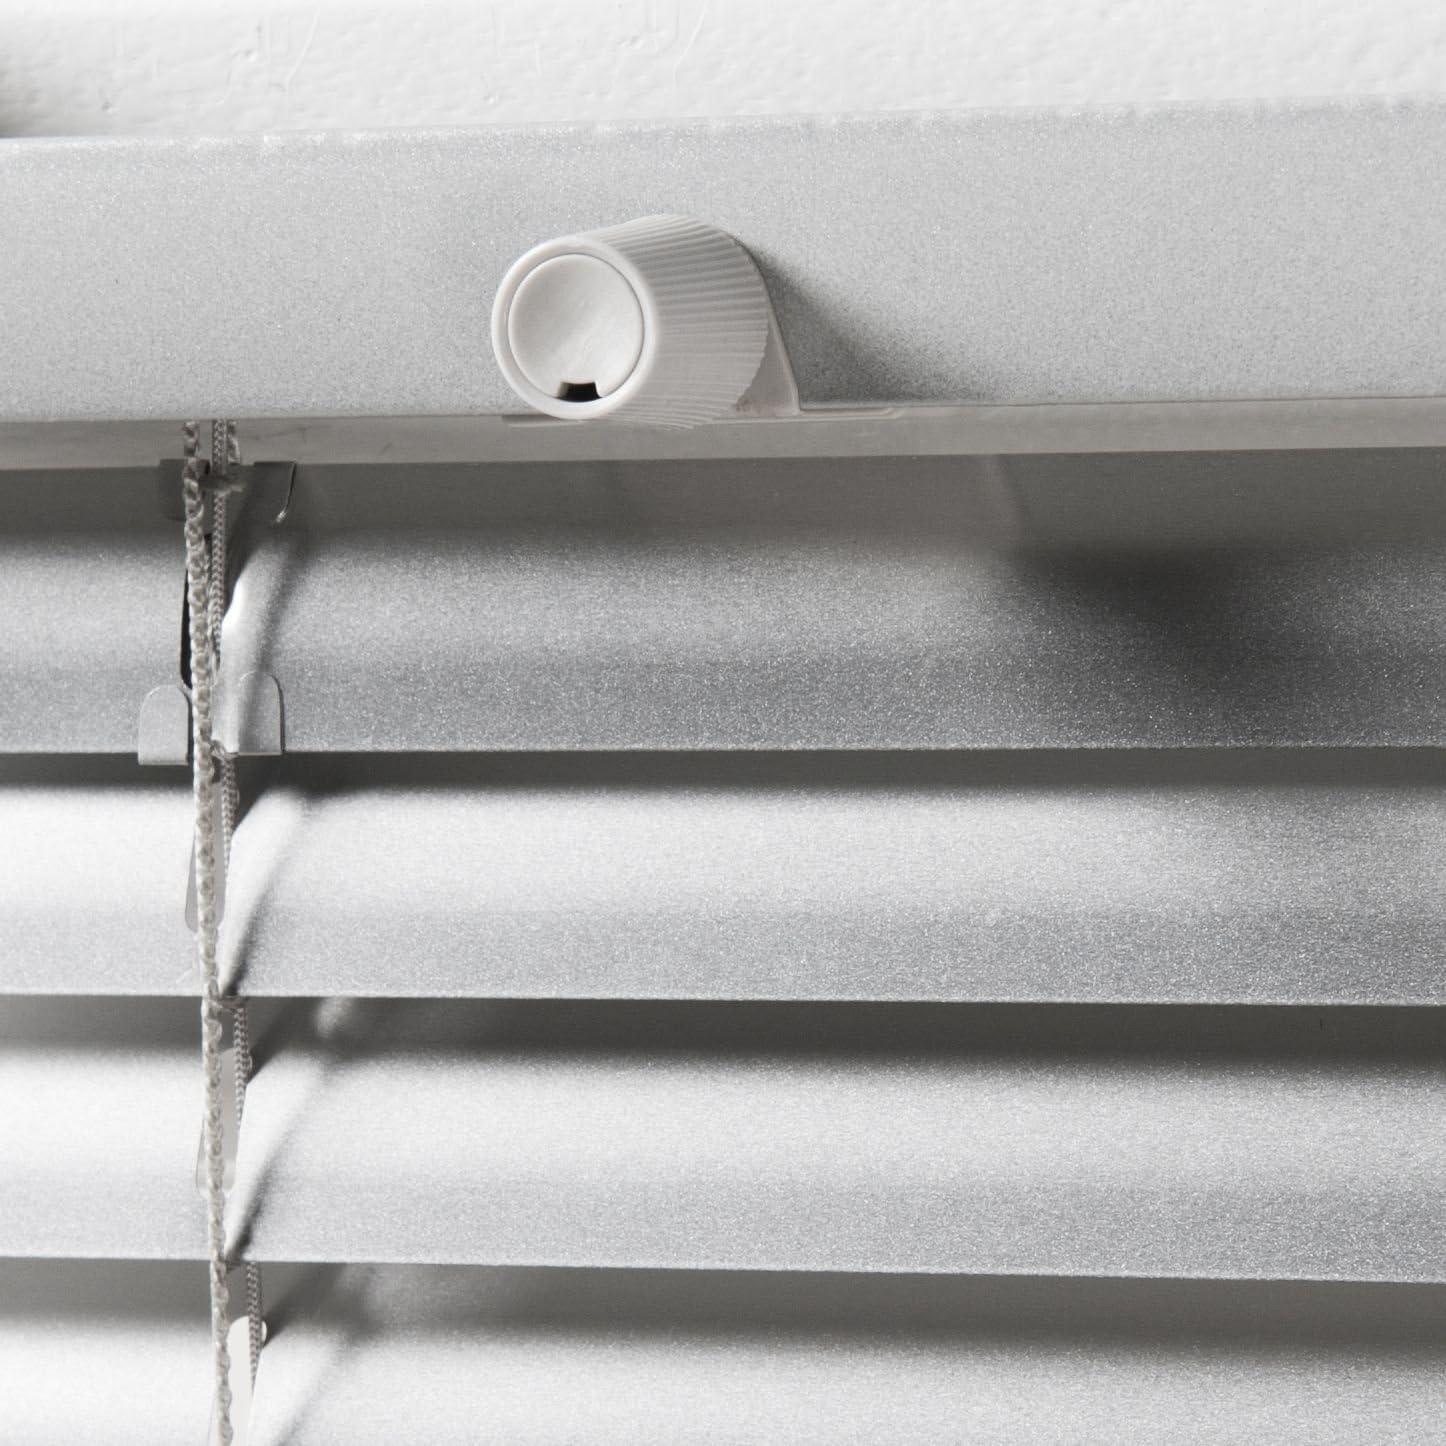 Estor de láminas de aluminio pkv, laminar estor plisado PAL plata montaje sin taladrar 60 cm de ancho x 130 cm de altura ajustable con tensores: Amazon.es: Hogar